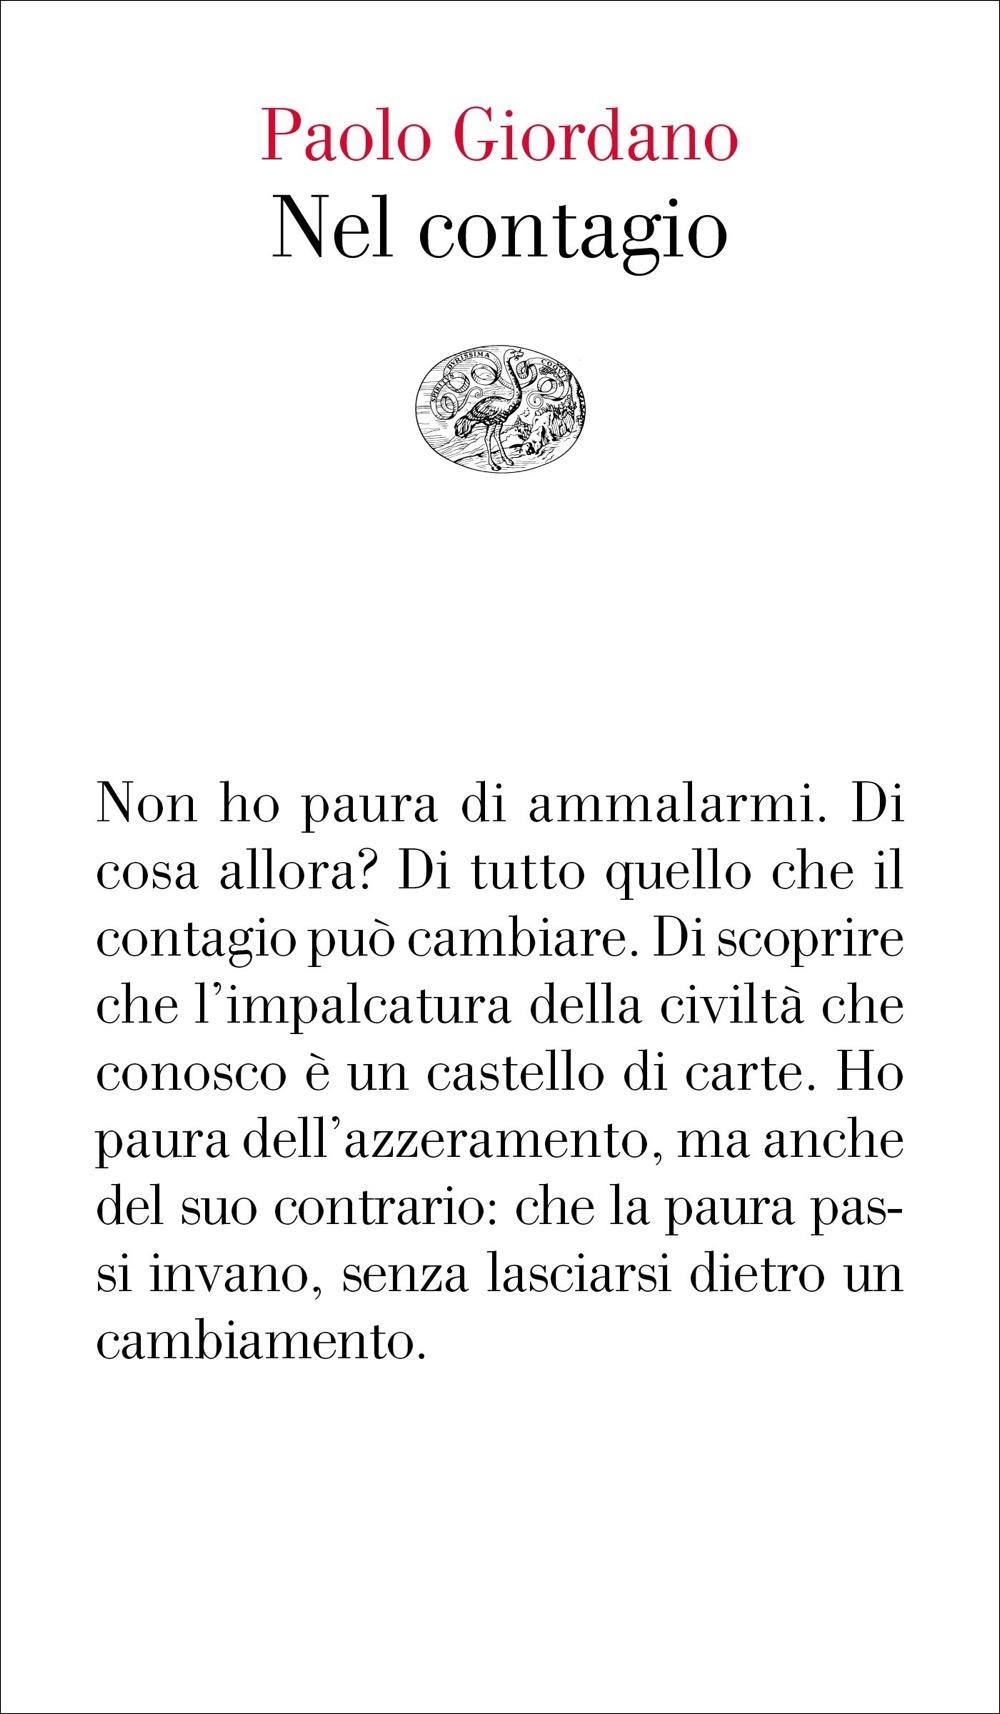 Nel contagio <br> Paolo Giordano